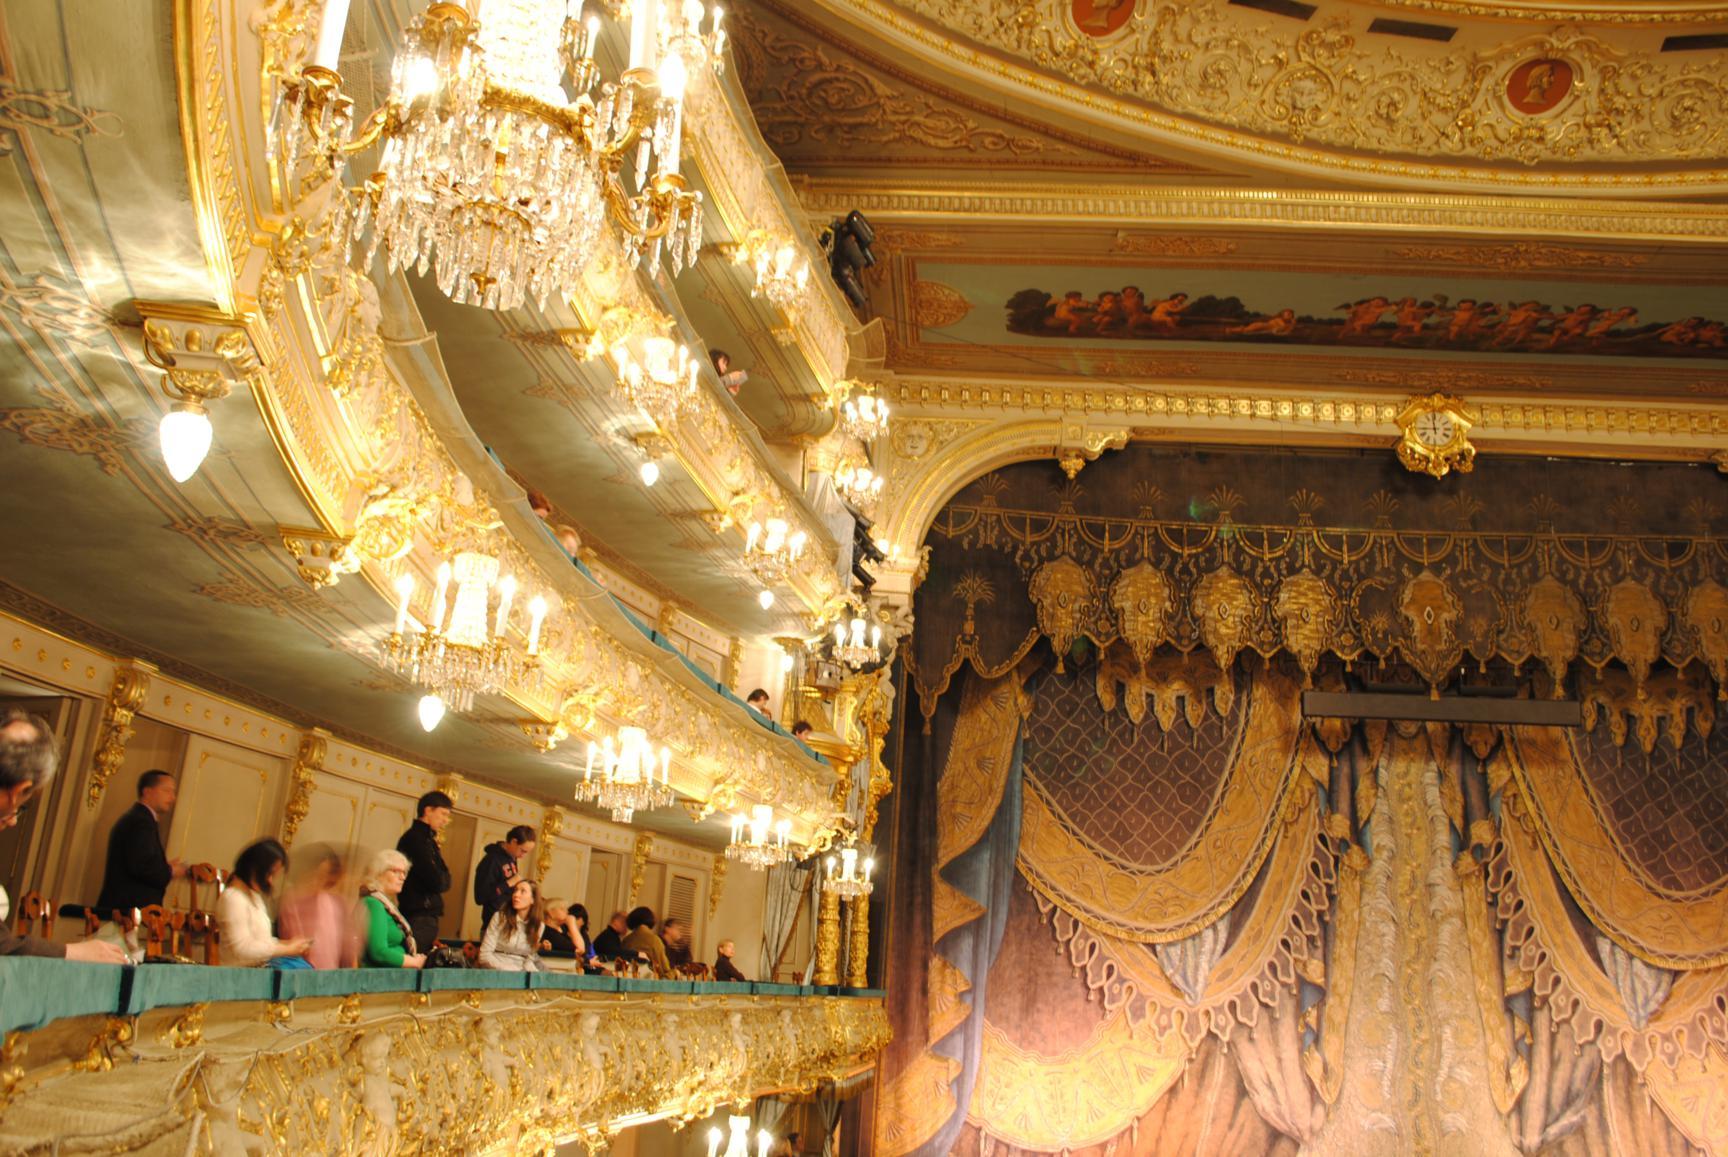 obra-teatro-mariinsky-5